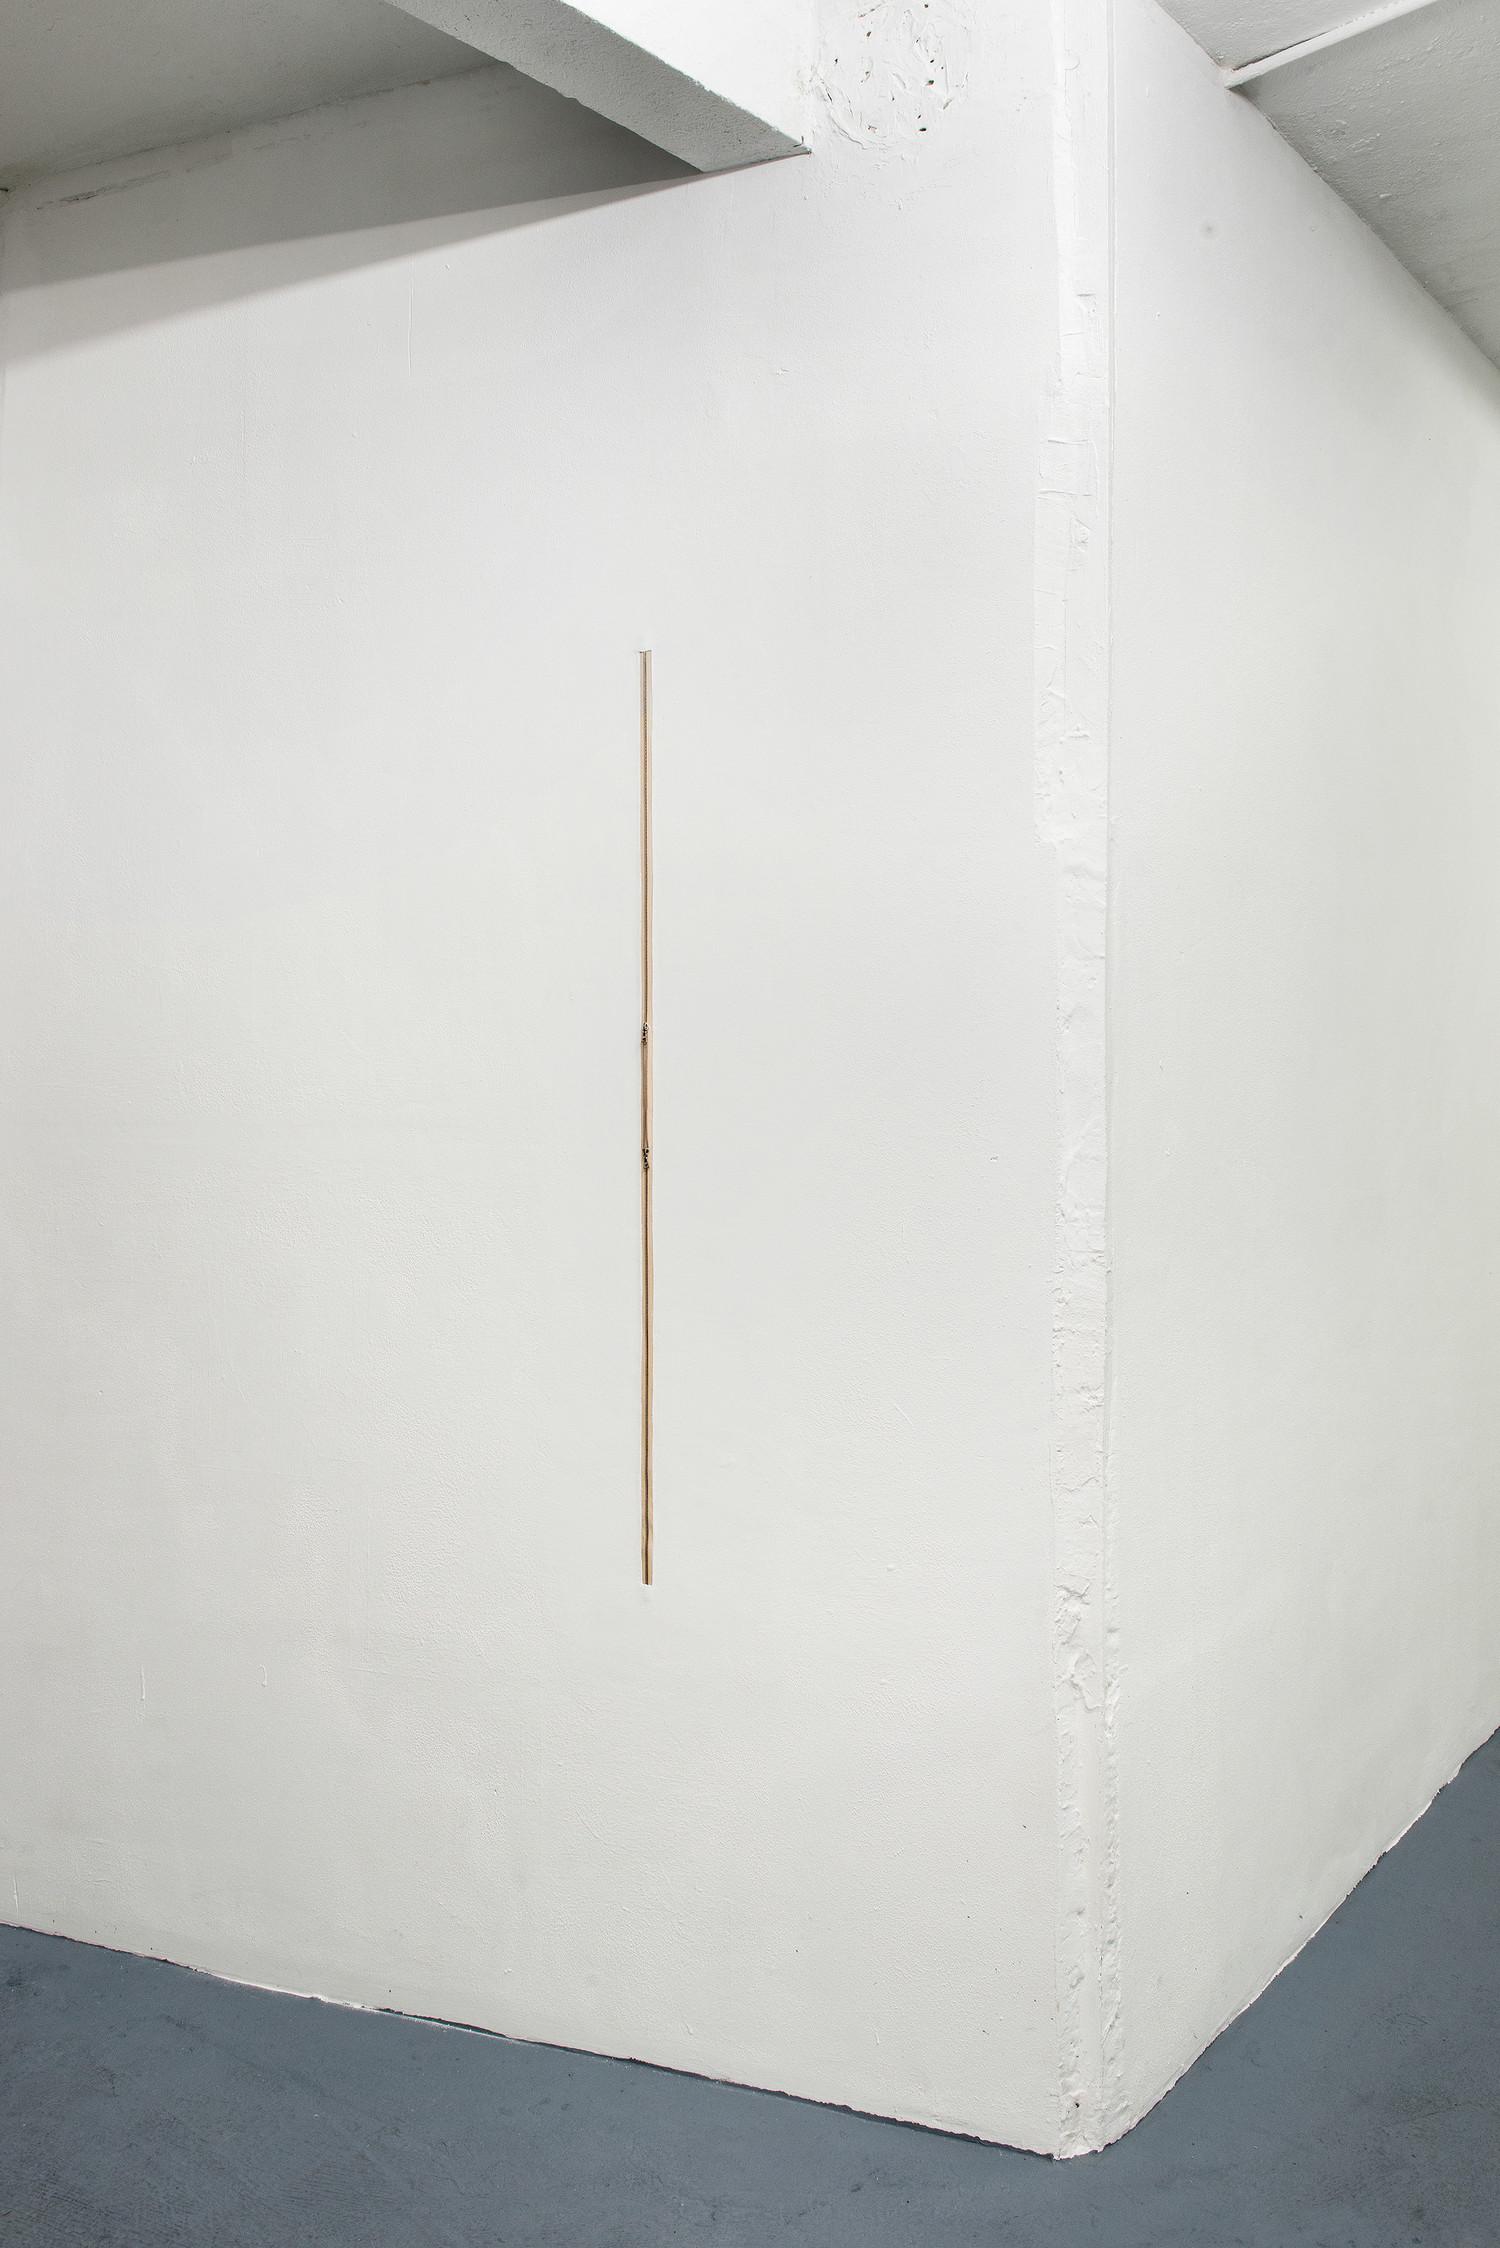 Zipper H116.5, 2020, zipper embedded into wall, 116,5 x 1,5 cm — © Manon Wertenbroek